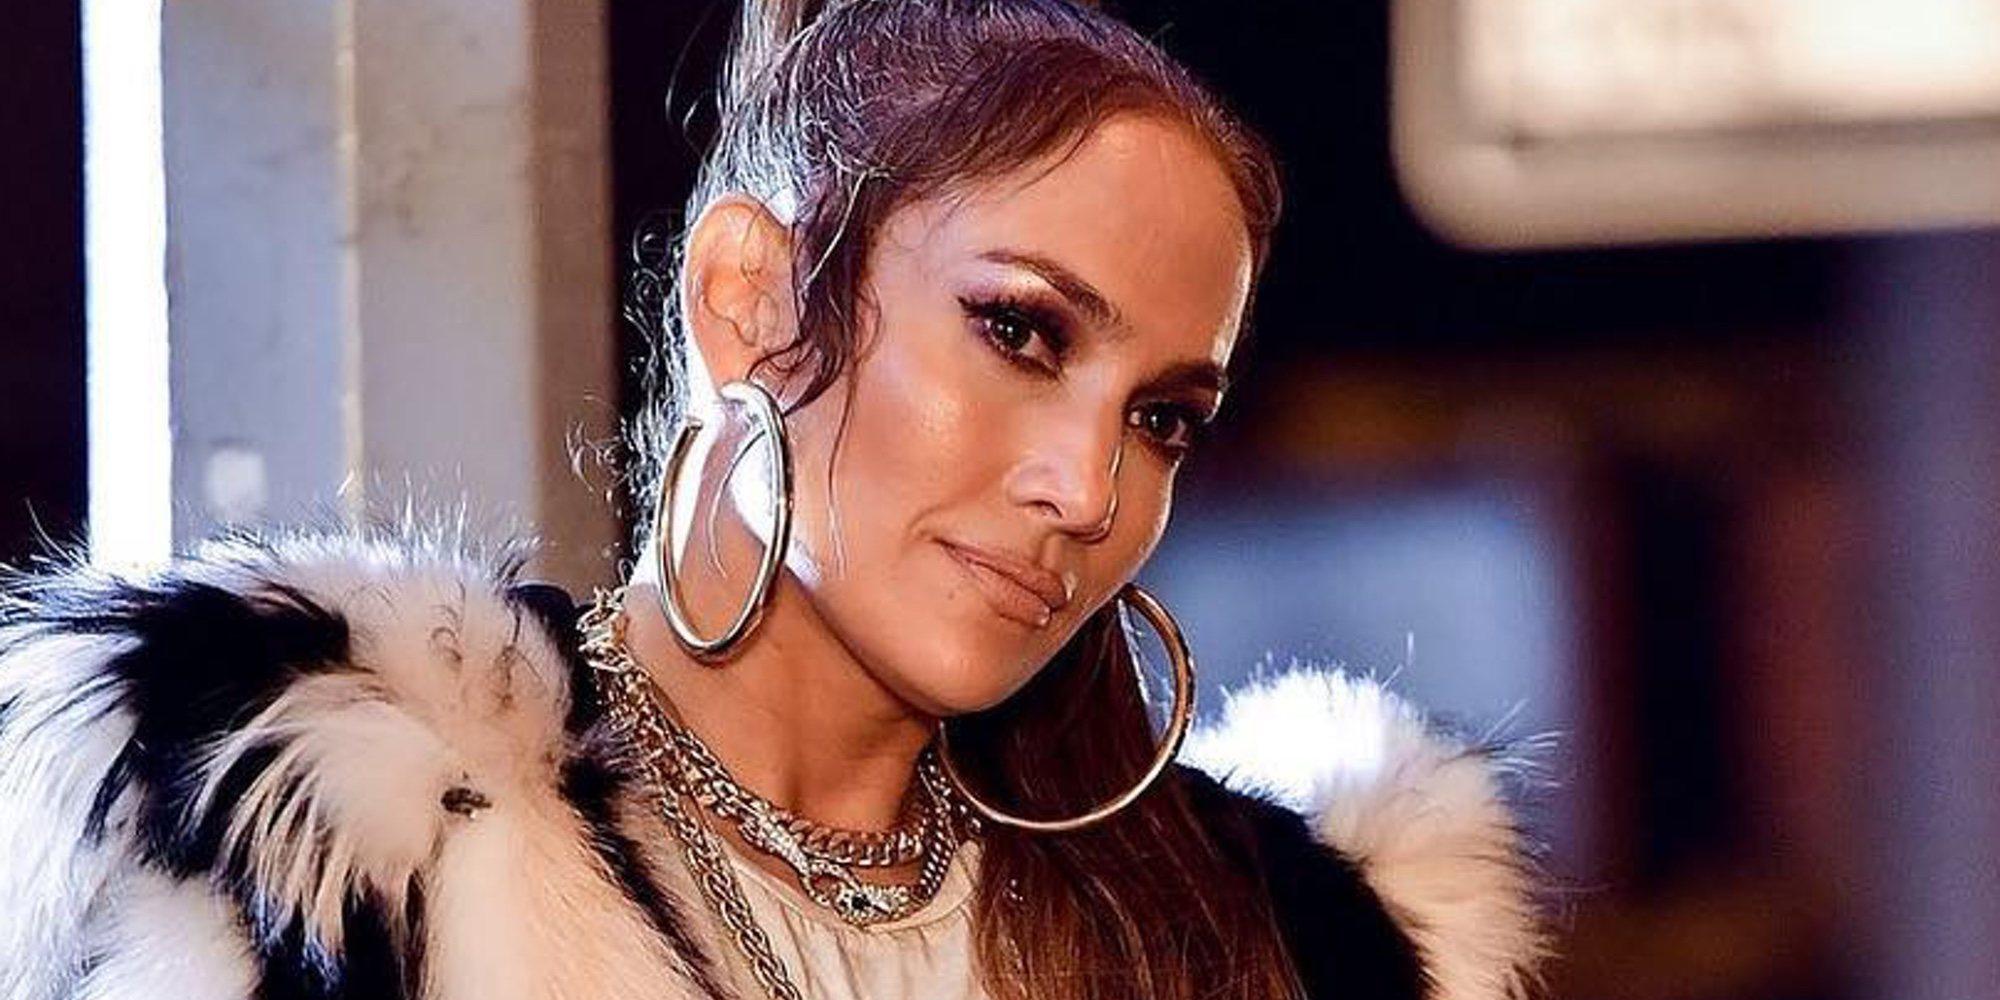 5 momentos que han marcado la vida de Jennifer Lopez: de El Bronx al éxito